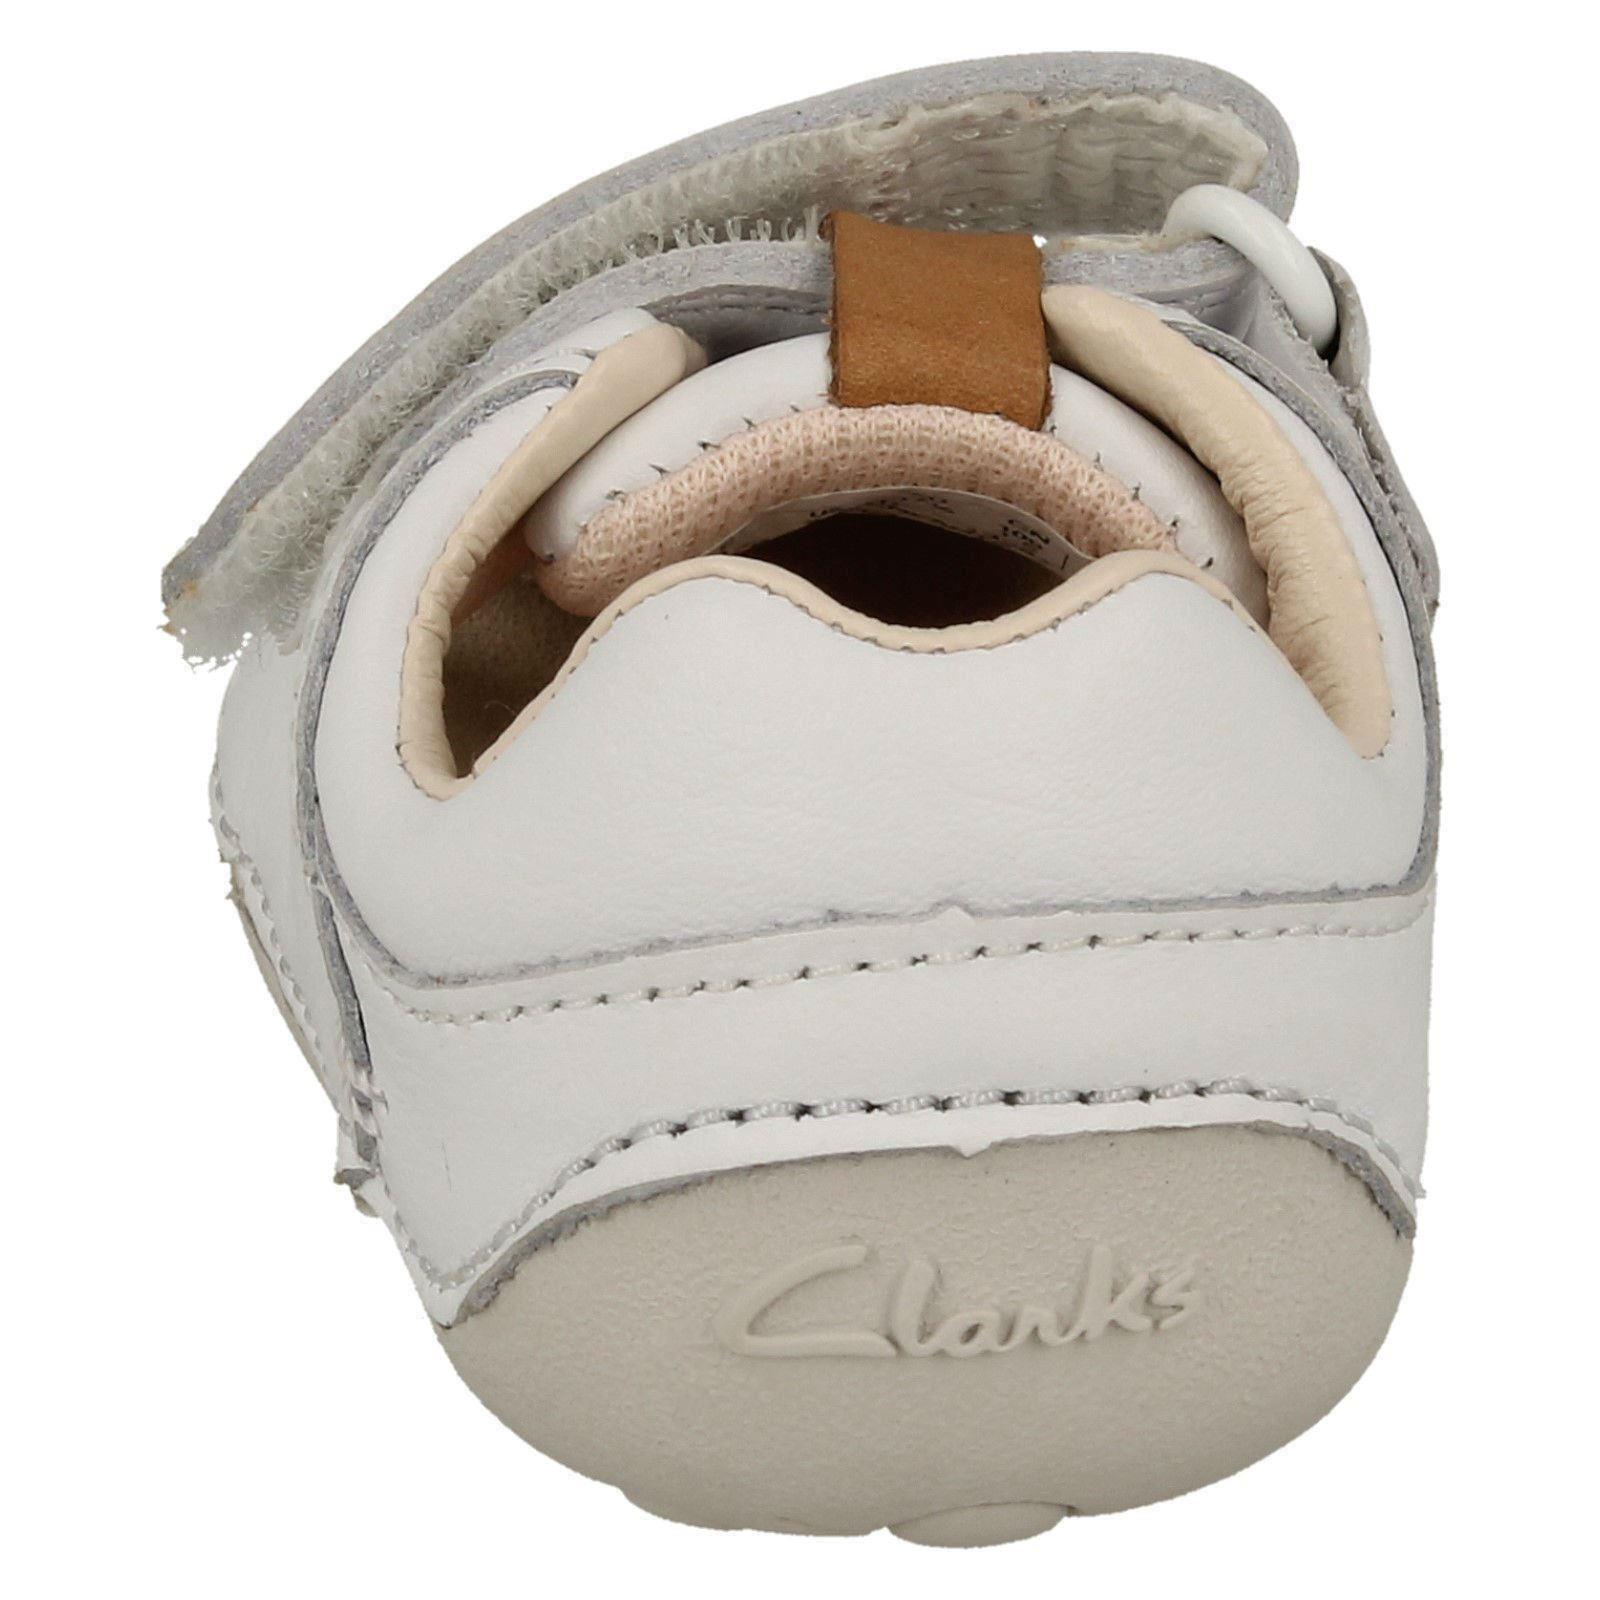 """Clarks Scarpe di tela per bambini /""""piccolo tesoro/"""""""